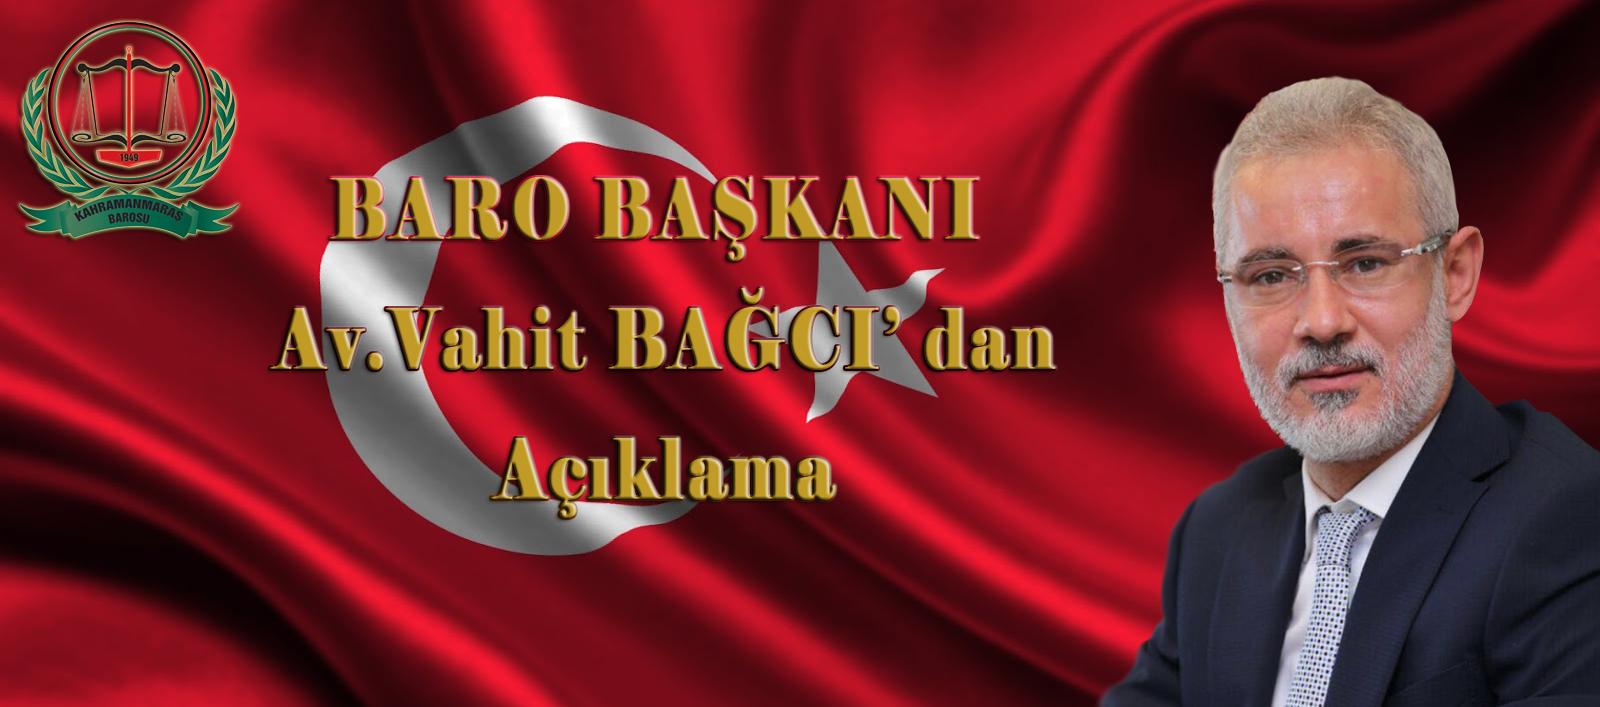 Baro Başkanı Av.Vahit Bağcı'dan Açıklama